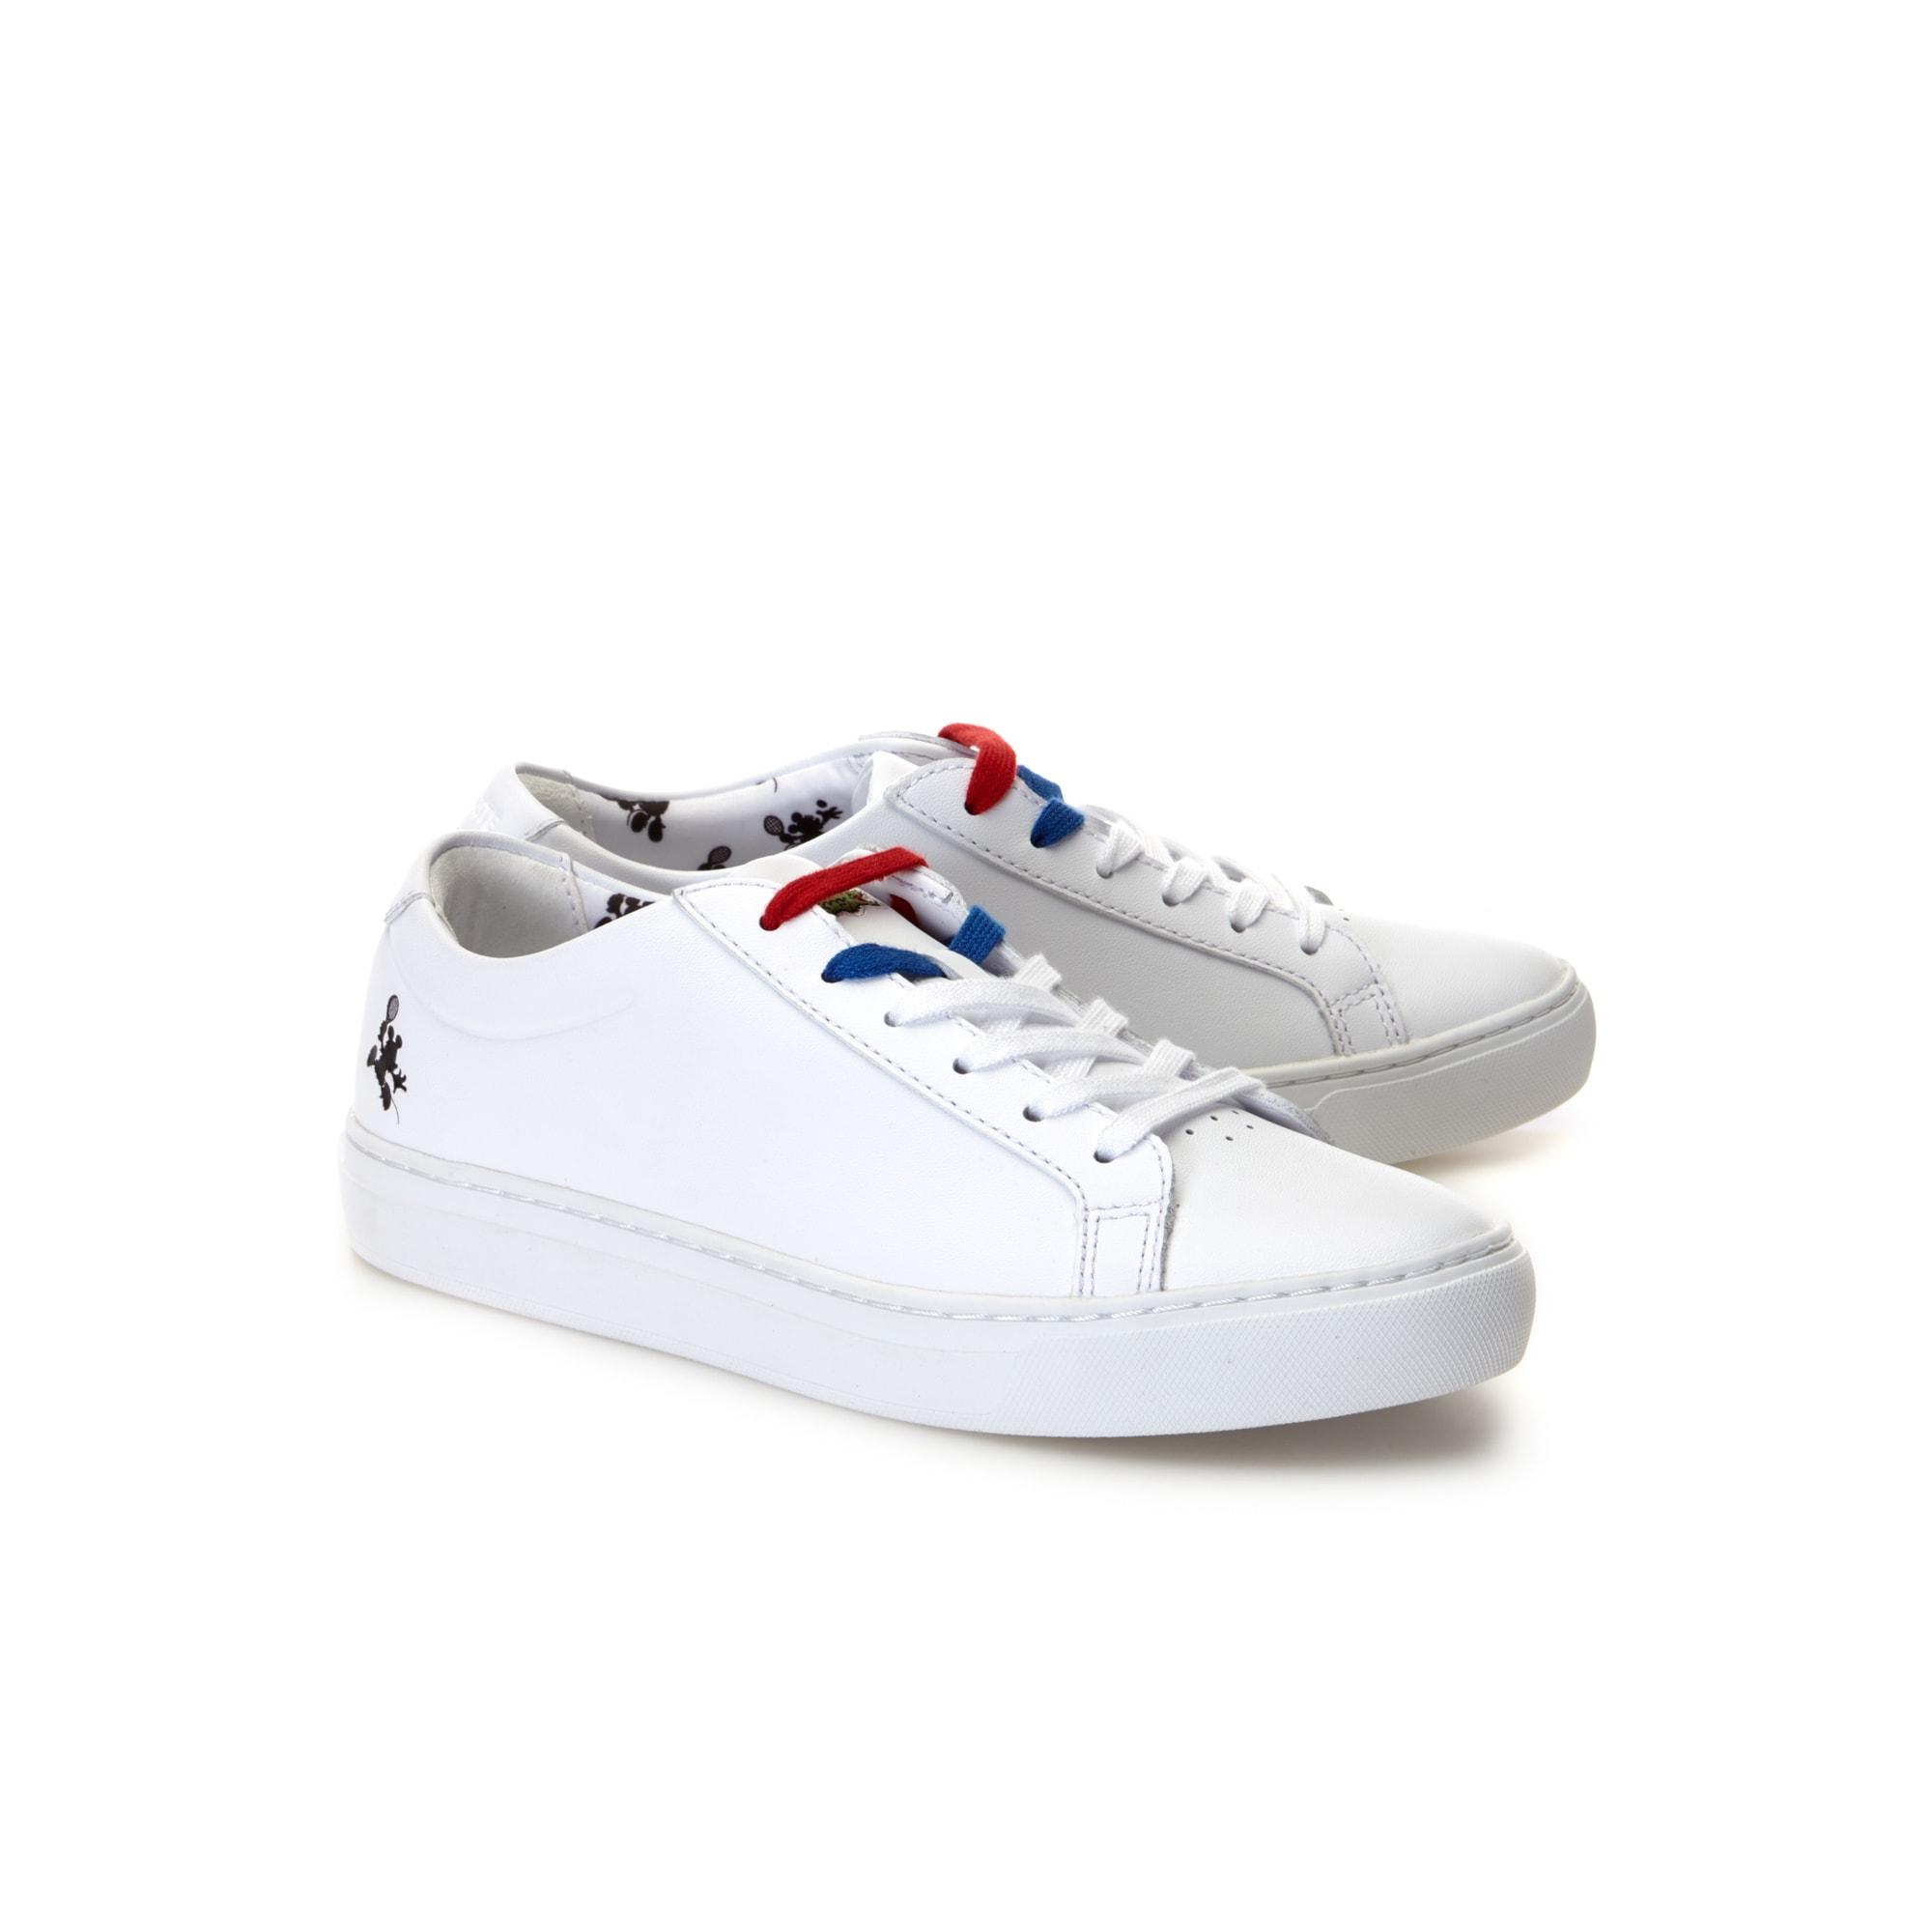 d3449d93496c7 L.12.12 Lacoste Disney Sneakers